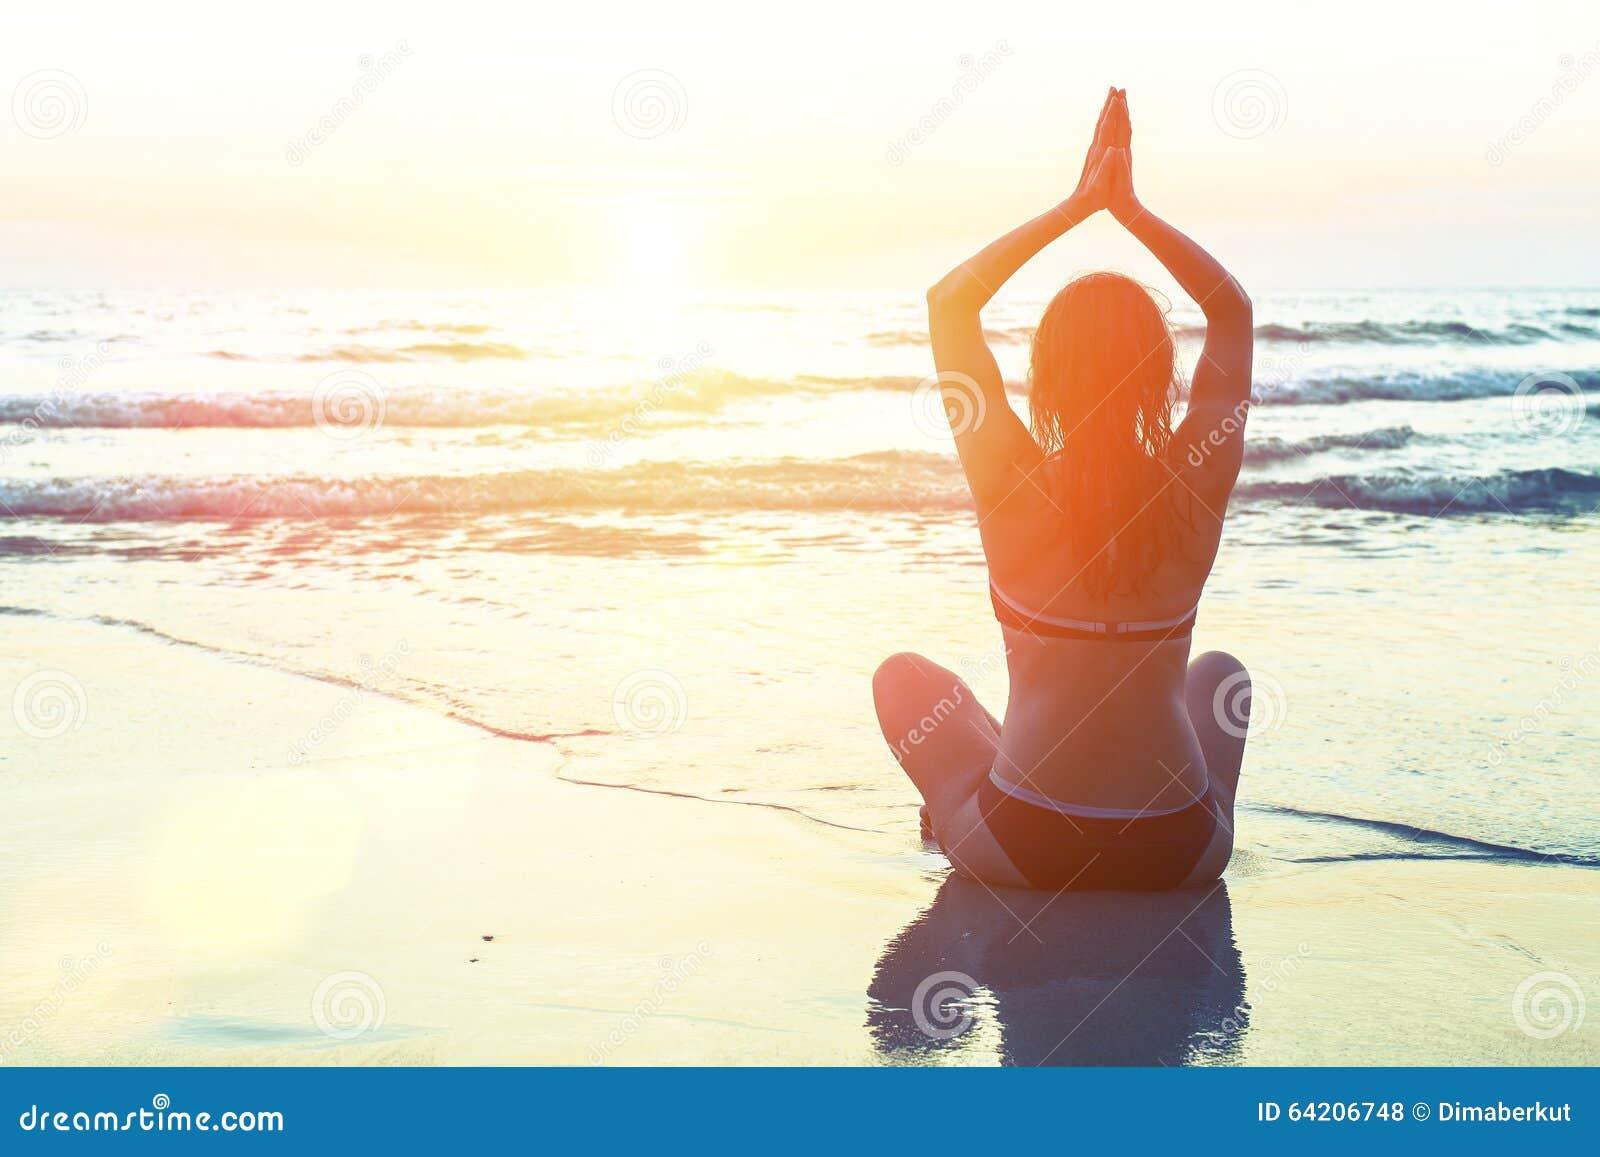 Silueta de la mujer de la yoga de la meditación en el fondo del mar y de la puesta del sol asombrosa